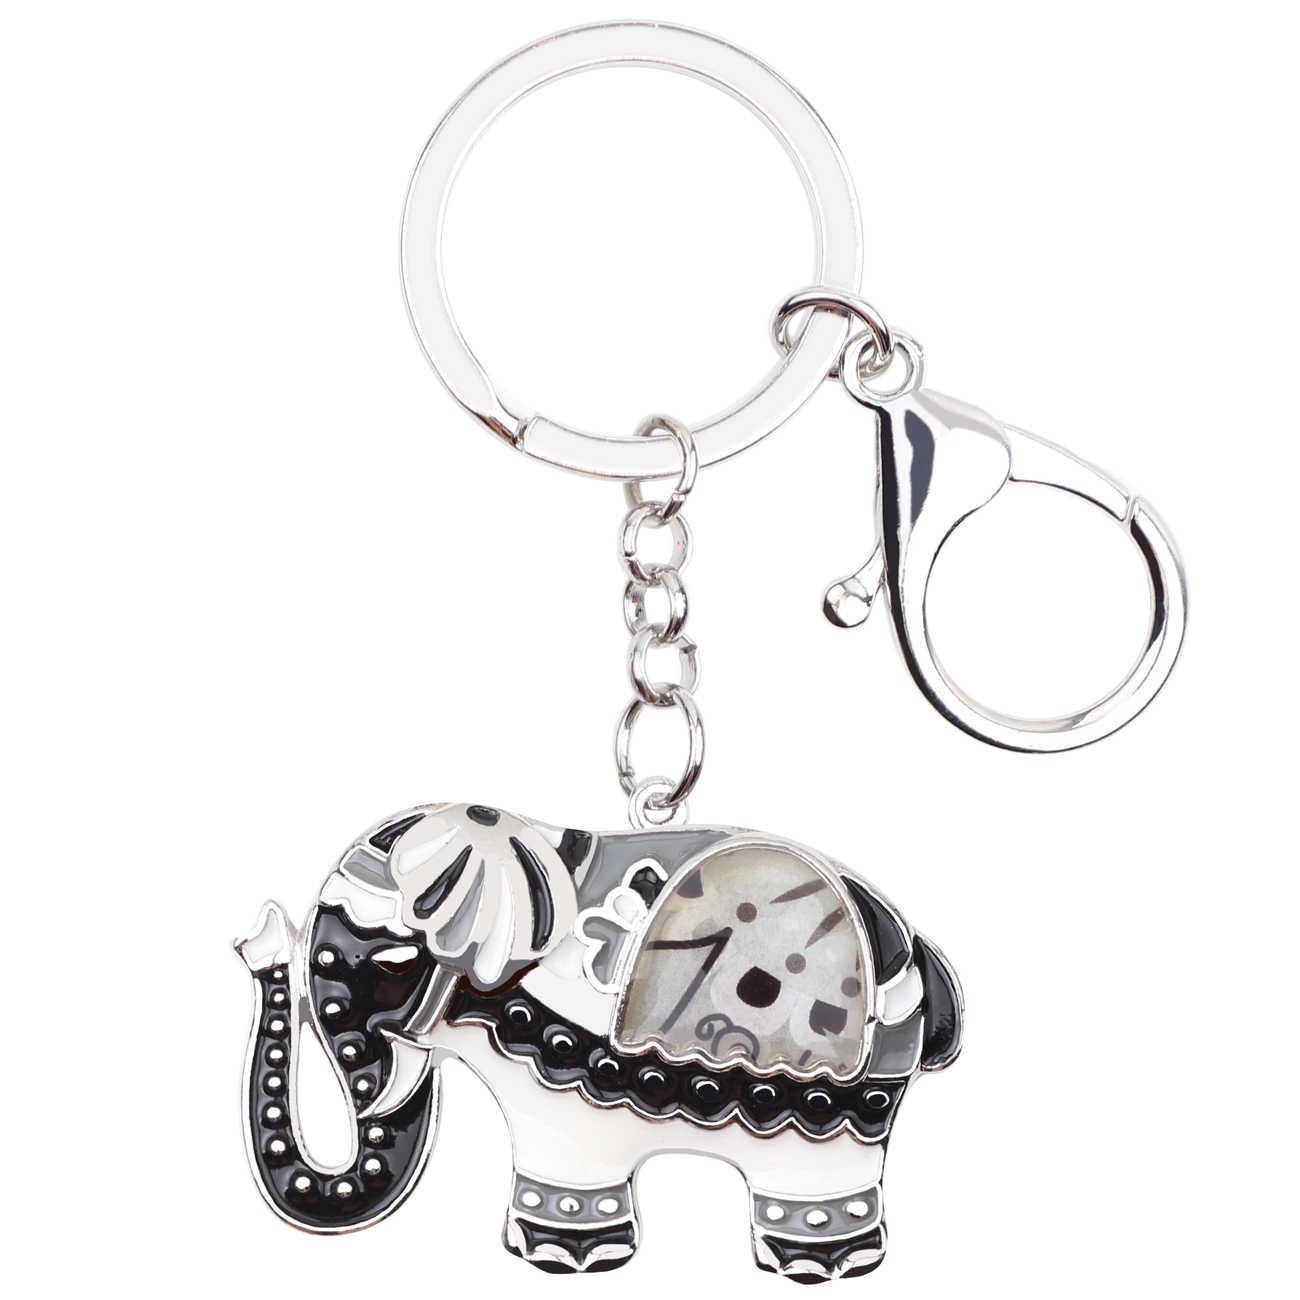 Bonsny Men Kim Loại Elephant Key Vòng Chìa Khóa Xích Cho Phụ Nữ Túi Xách Charm Động Vật Thời Trang Trang Sức Keychain Phụ Kiện